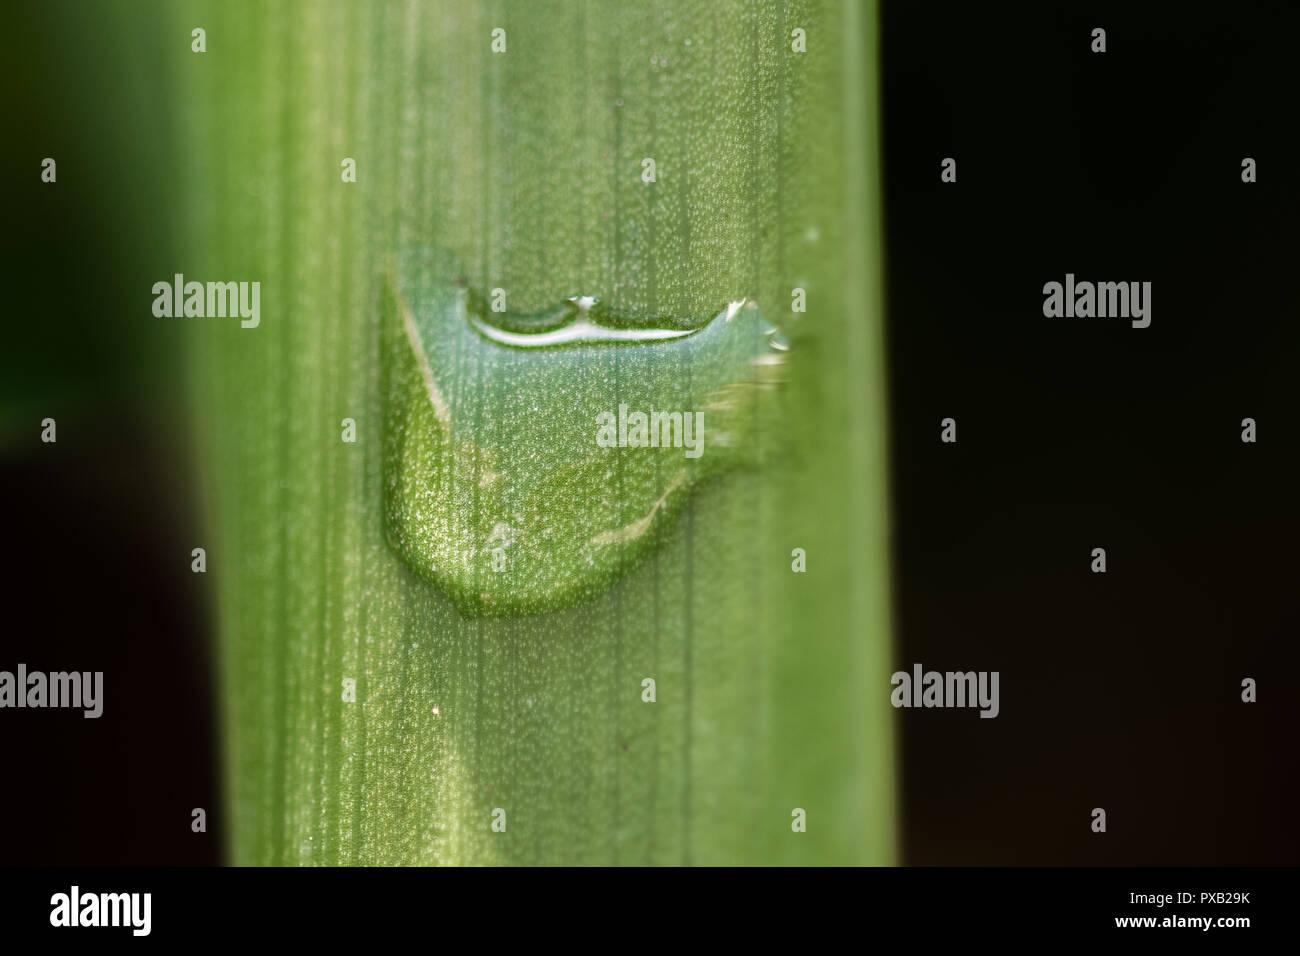 Una goccia di pioggia sul verde lasciare nel giardino a colpo molto vicino campo di ripresa macro. Dettagli e texture della foglia. copia spazio per testo. freschezza. purezza, r Immagini Stock